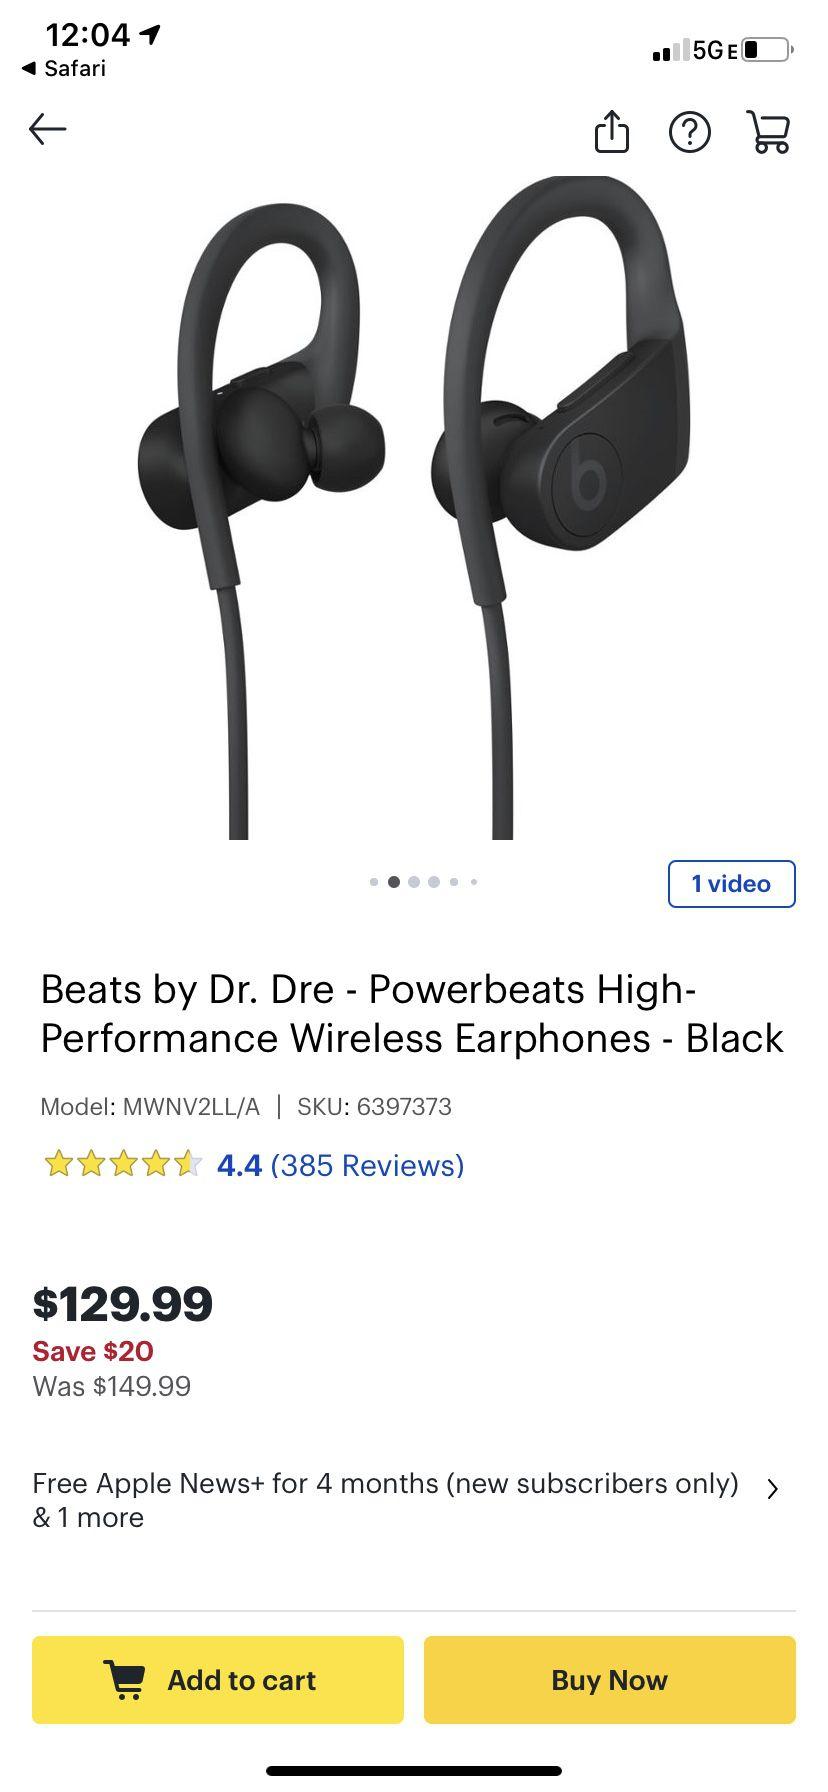 Beats by Dre earphones